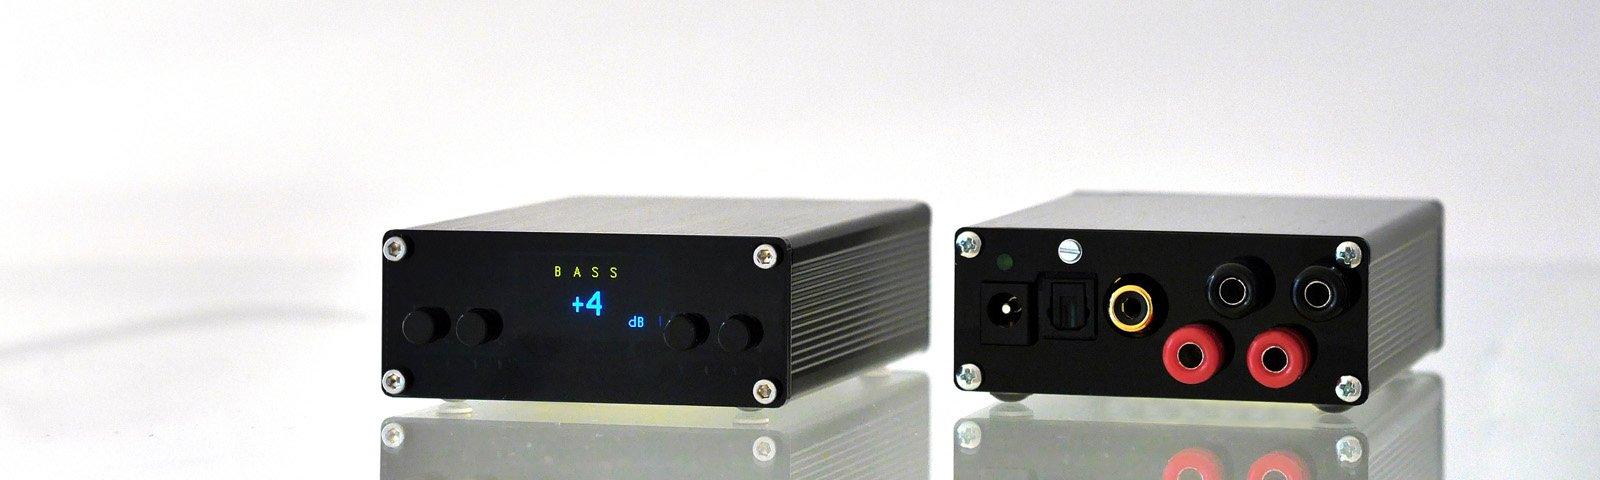 HIRESFI AMPER202 STA369BWS